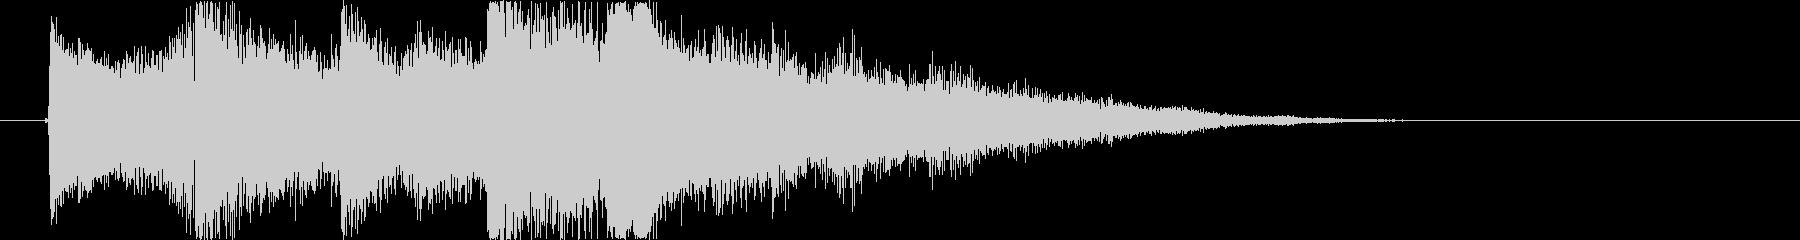 ピアノとシンセでキラキラしたサウンドロゴの未再生の波形